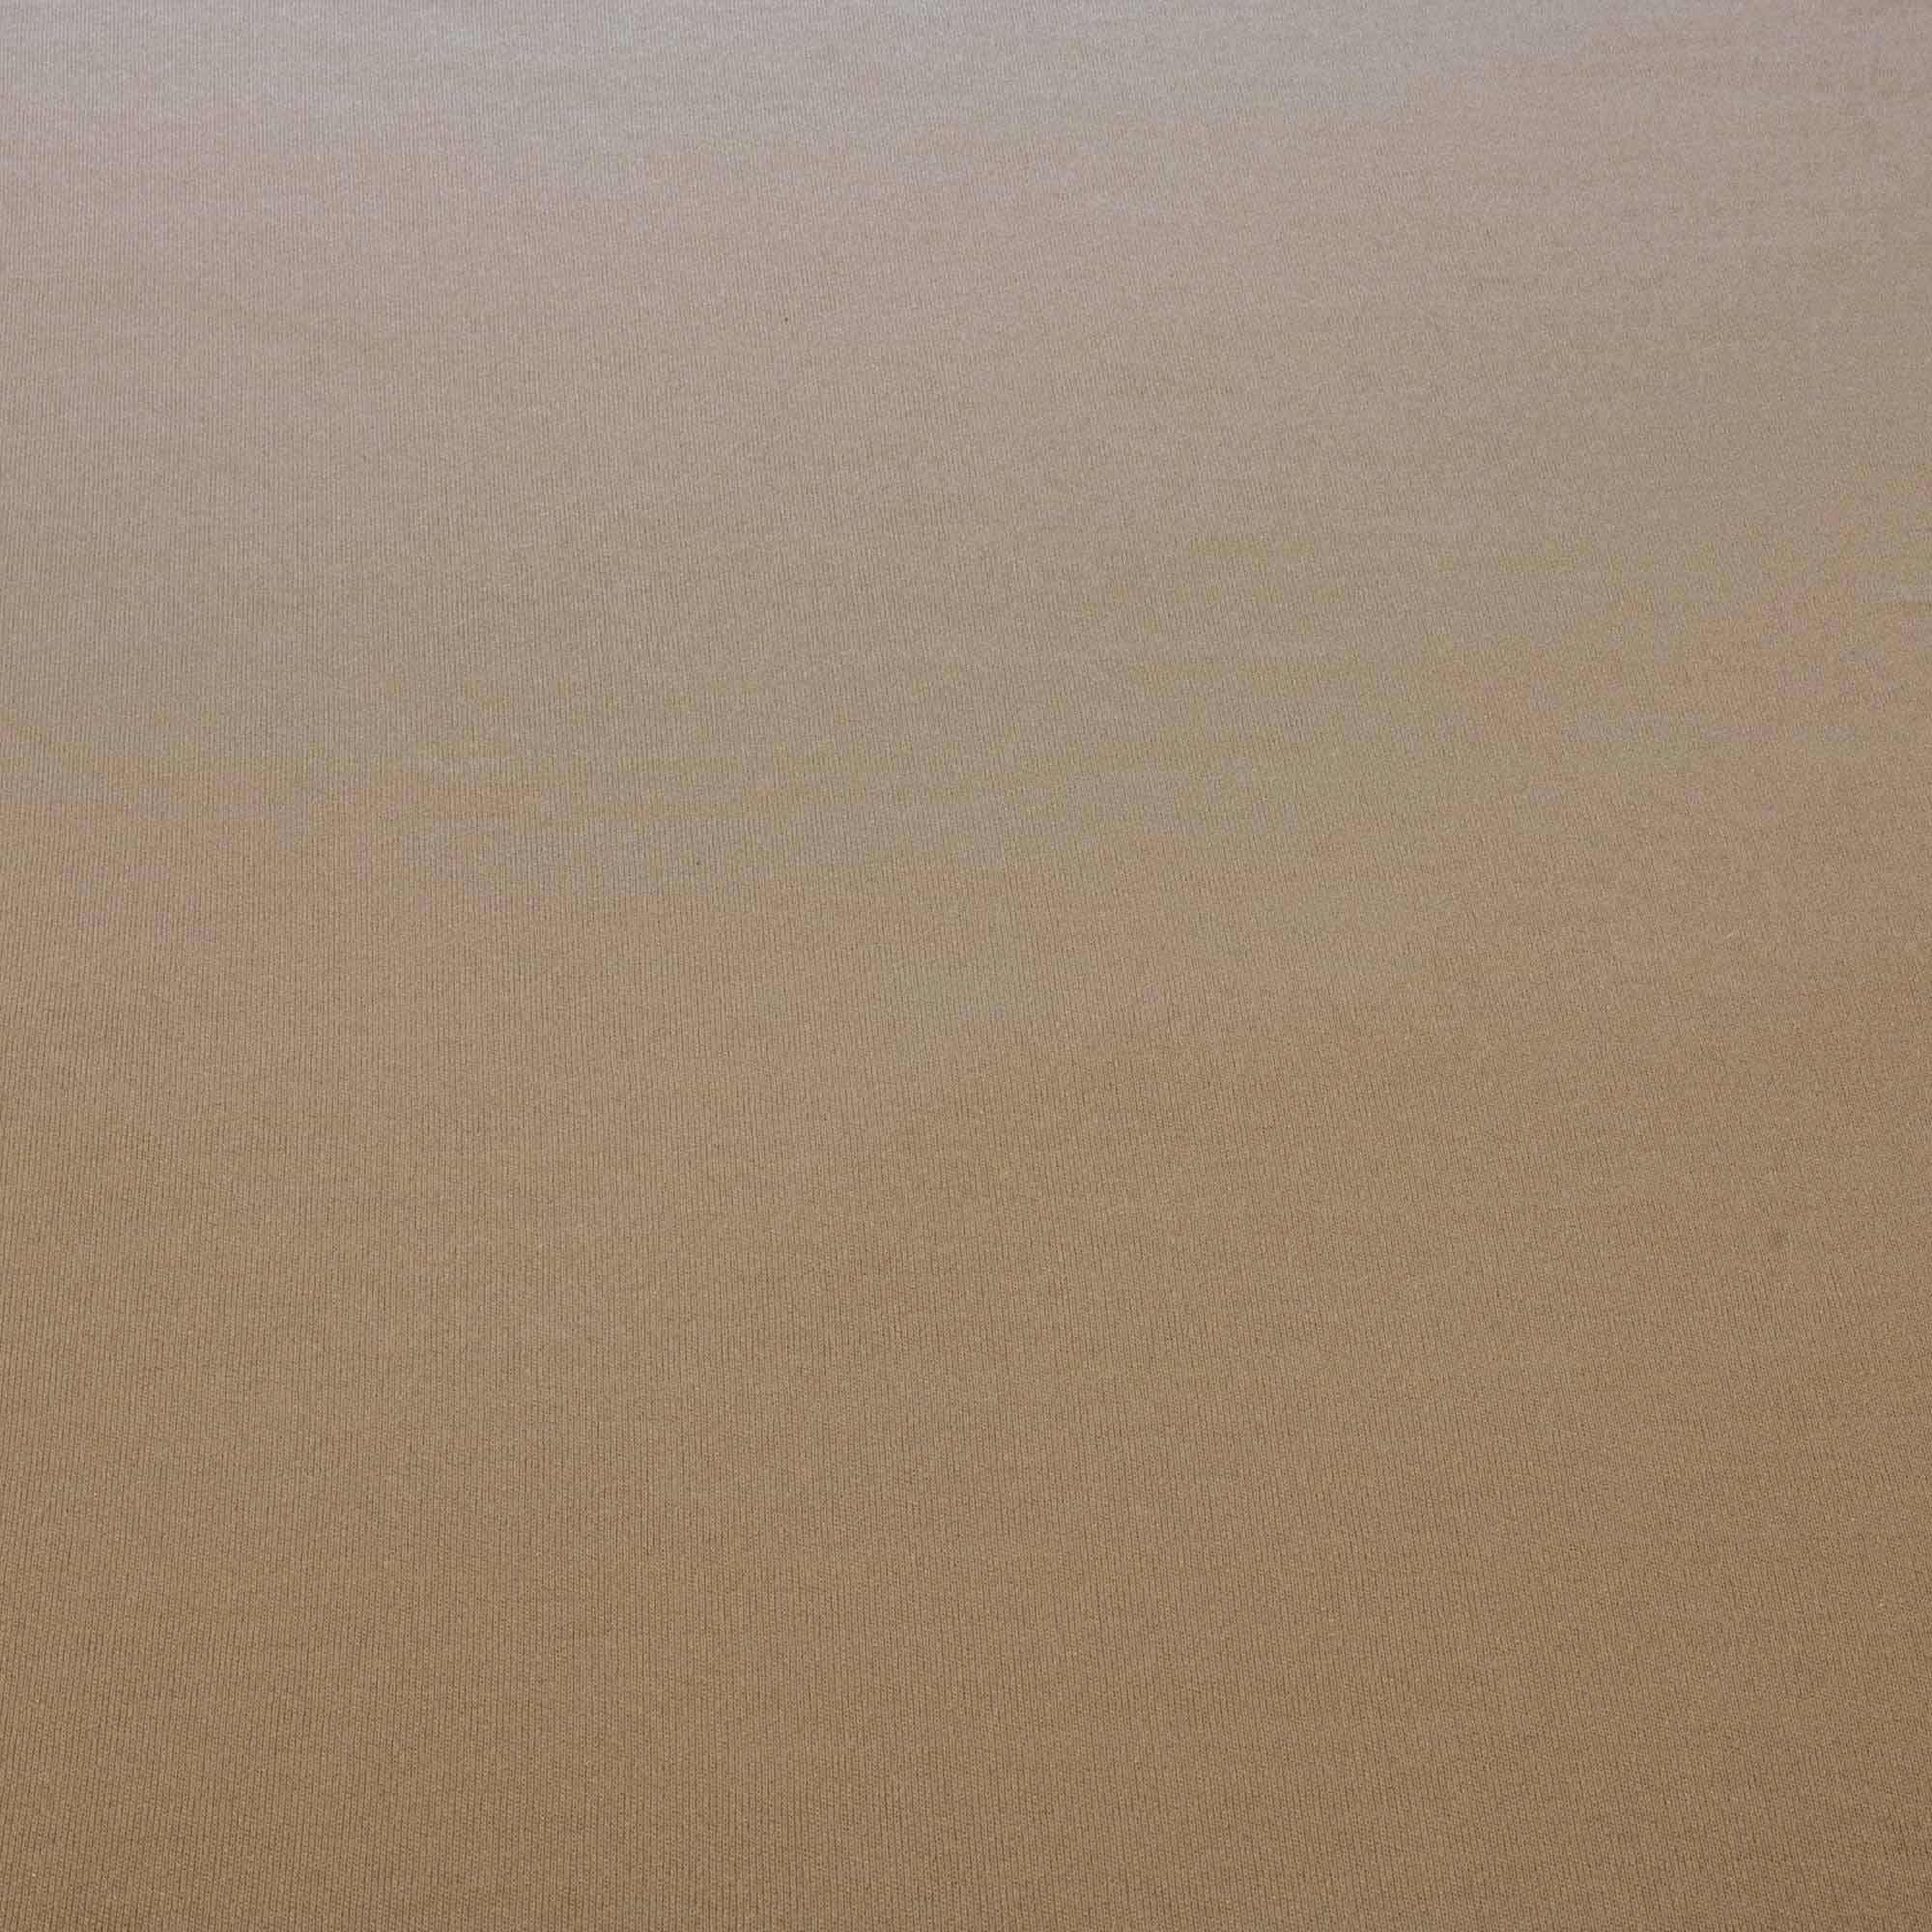 Tecido Malha Helanca Light Castor 100% Poliester 1,80 mt Largura